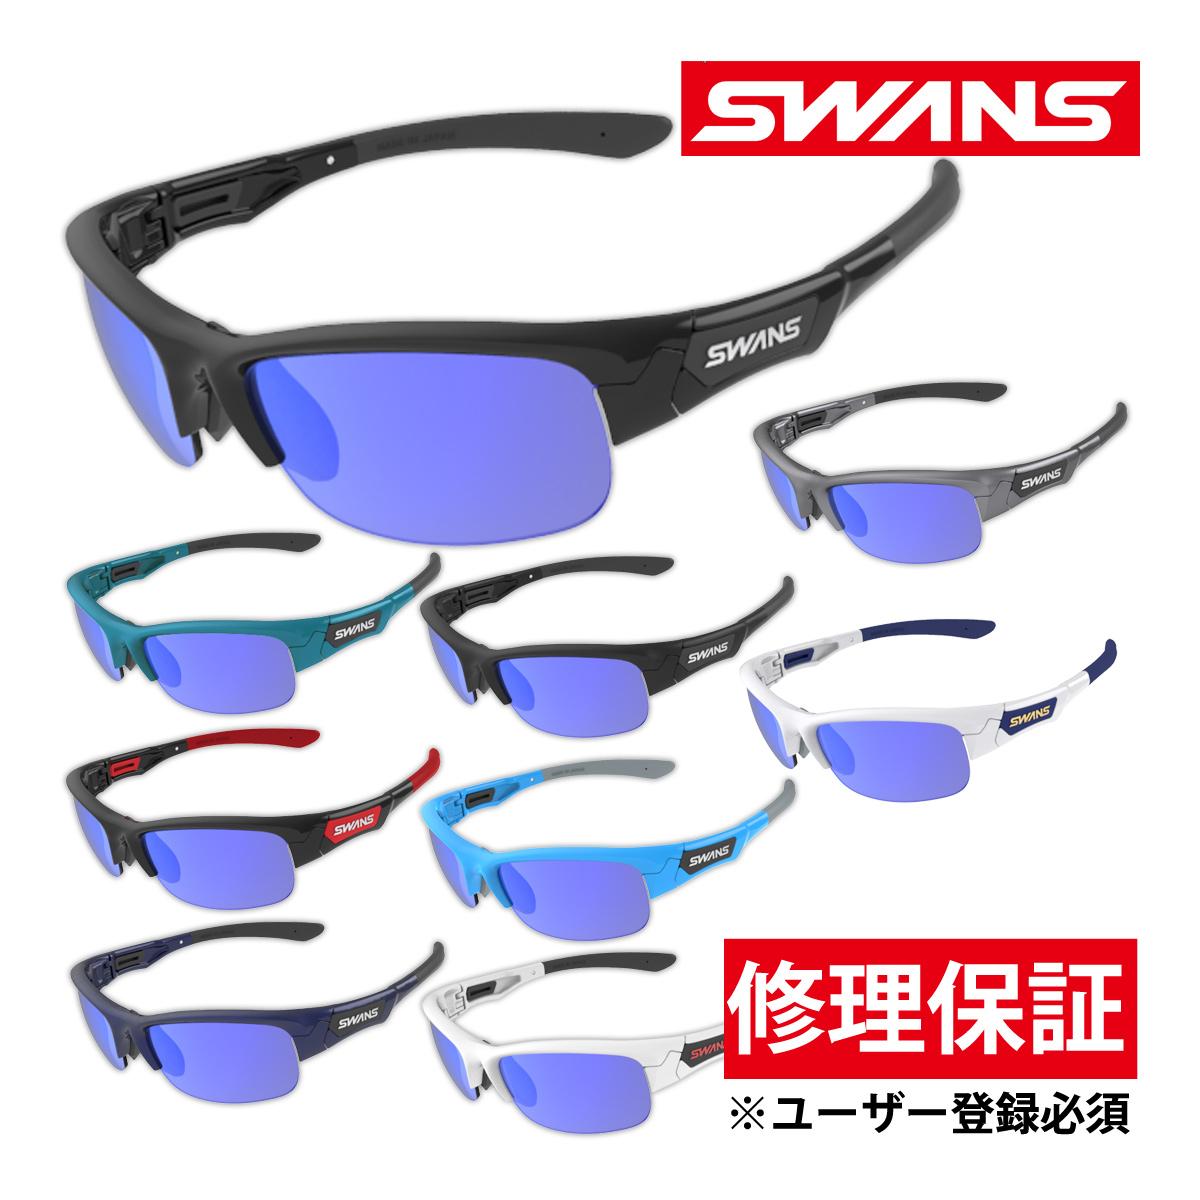 サングラス ミラーレンズ ブルーミラー×スモーク ドライブ ゴルフ スポーツ メンズ レディース SPRINGBOK フレーム+L-SPB-1101 SMBL おすすめ 人気 SWANS スワンズ